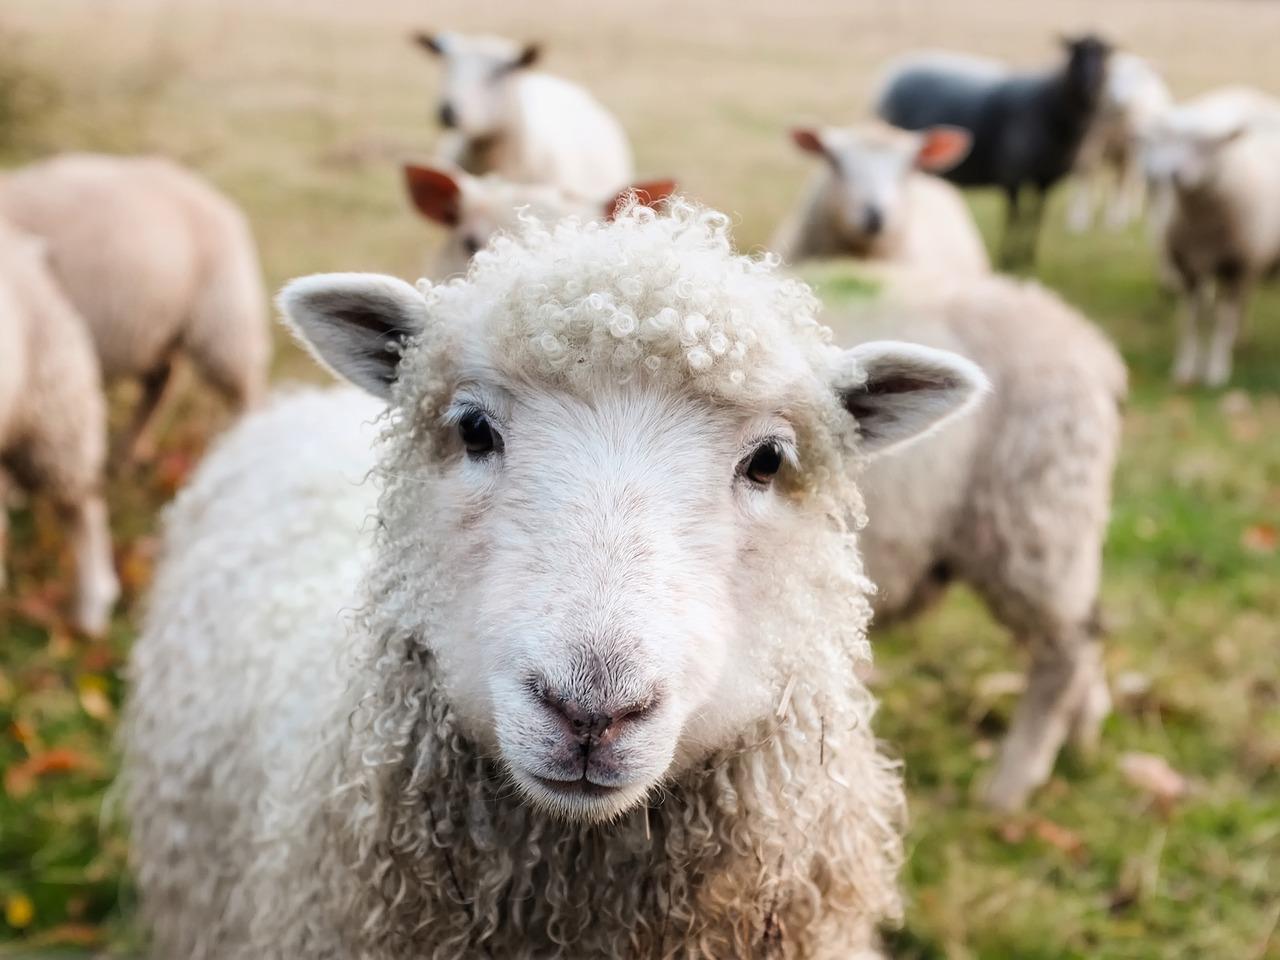 juhok fogyása okozza)